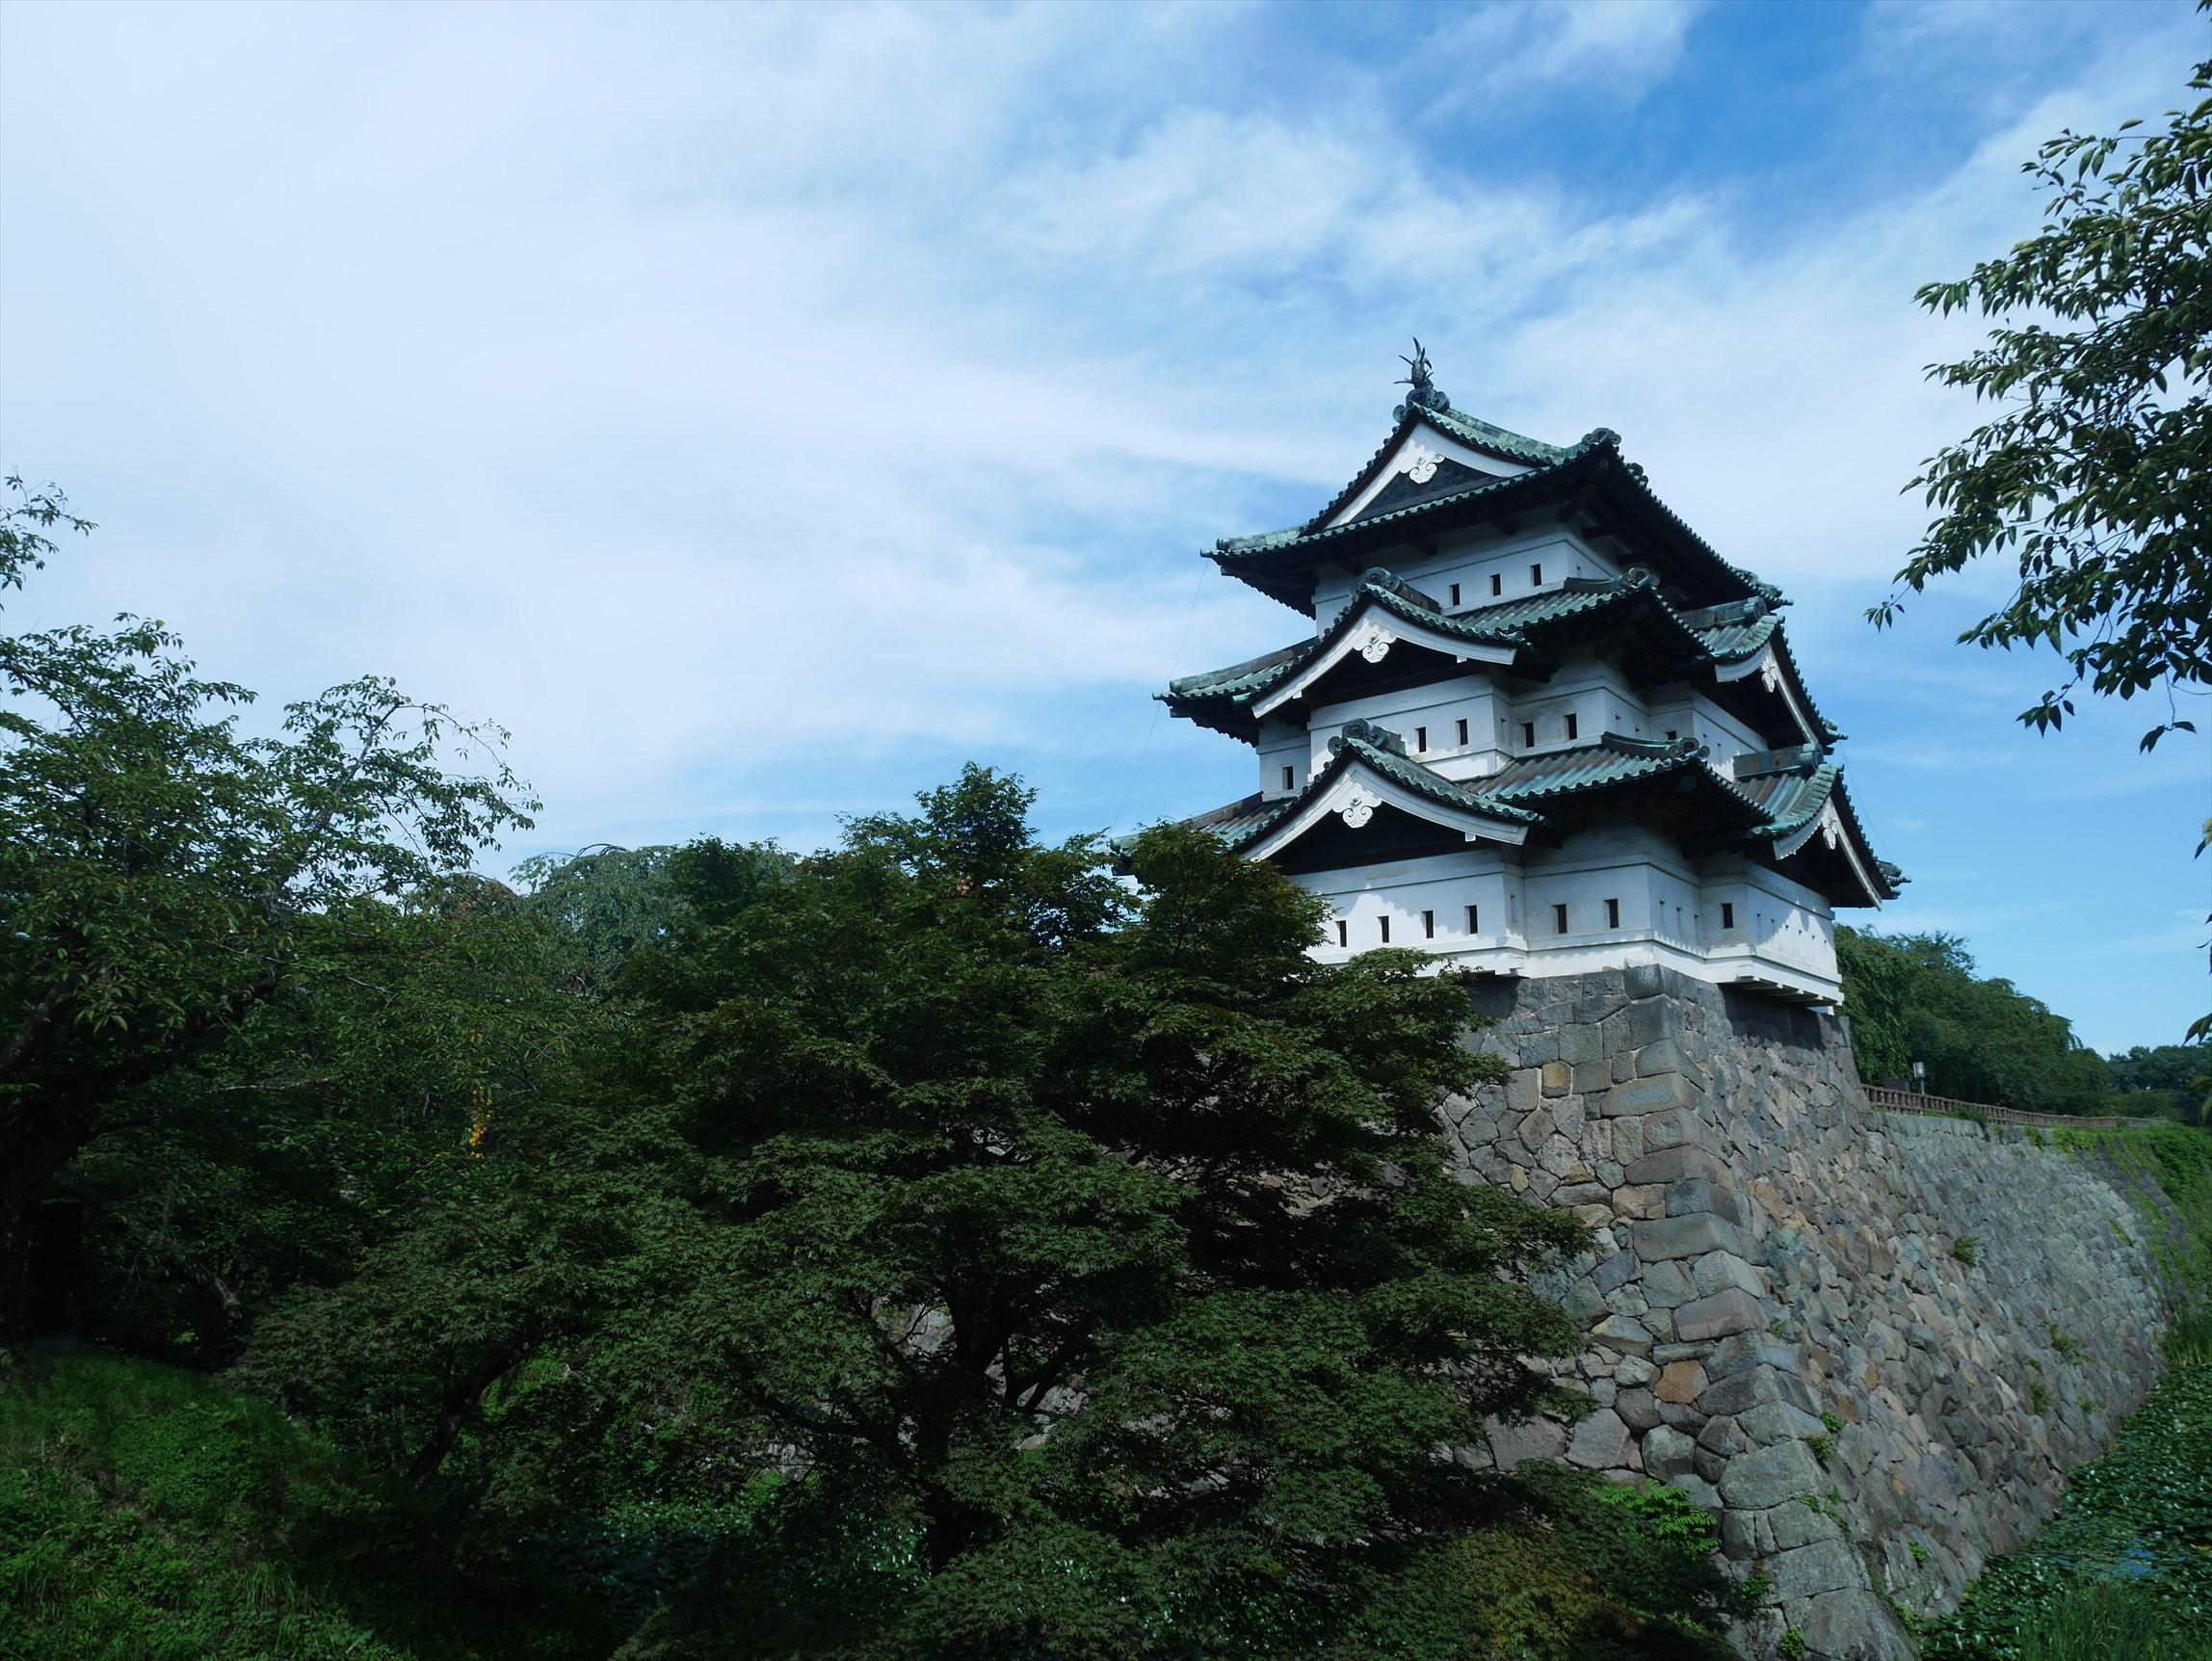 弘前城に桜が咲いてなくてもこれだけすごいってことは ...